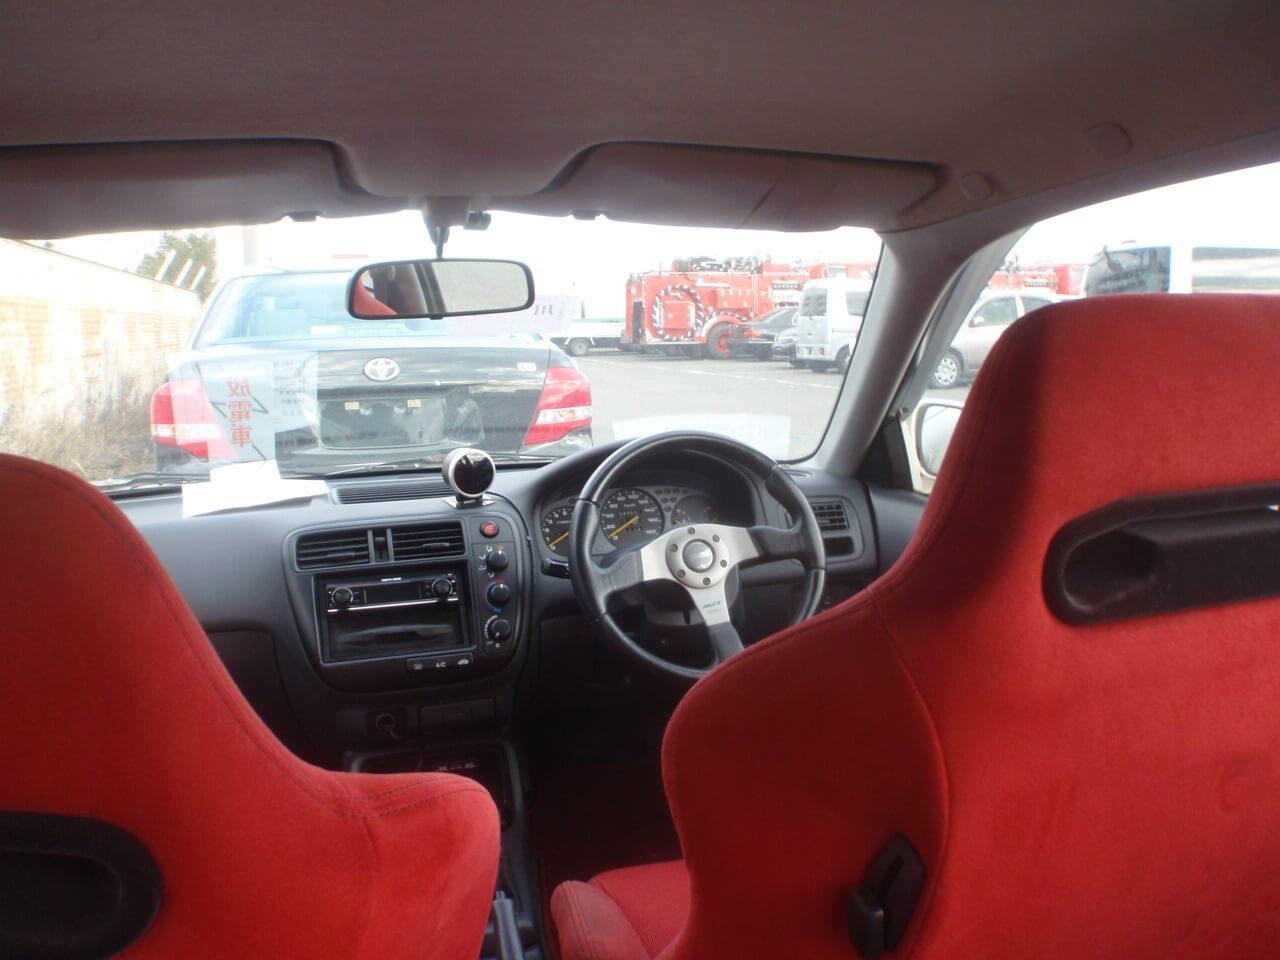 Honda Civic EK9 Innenraum Recaro